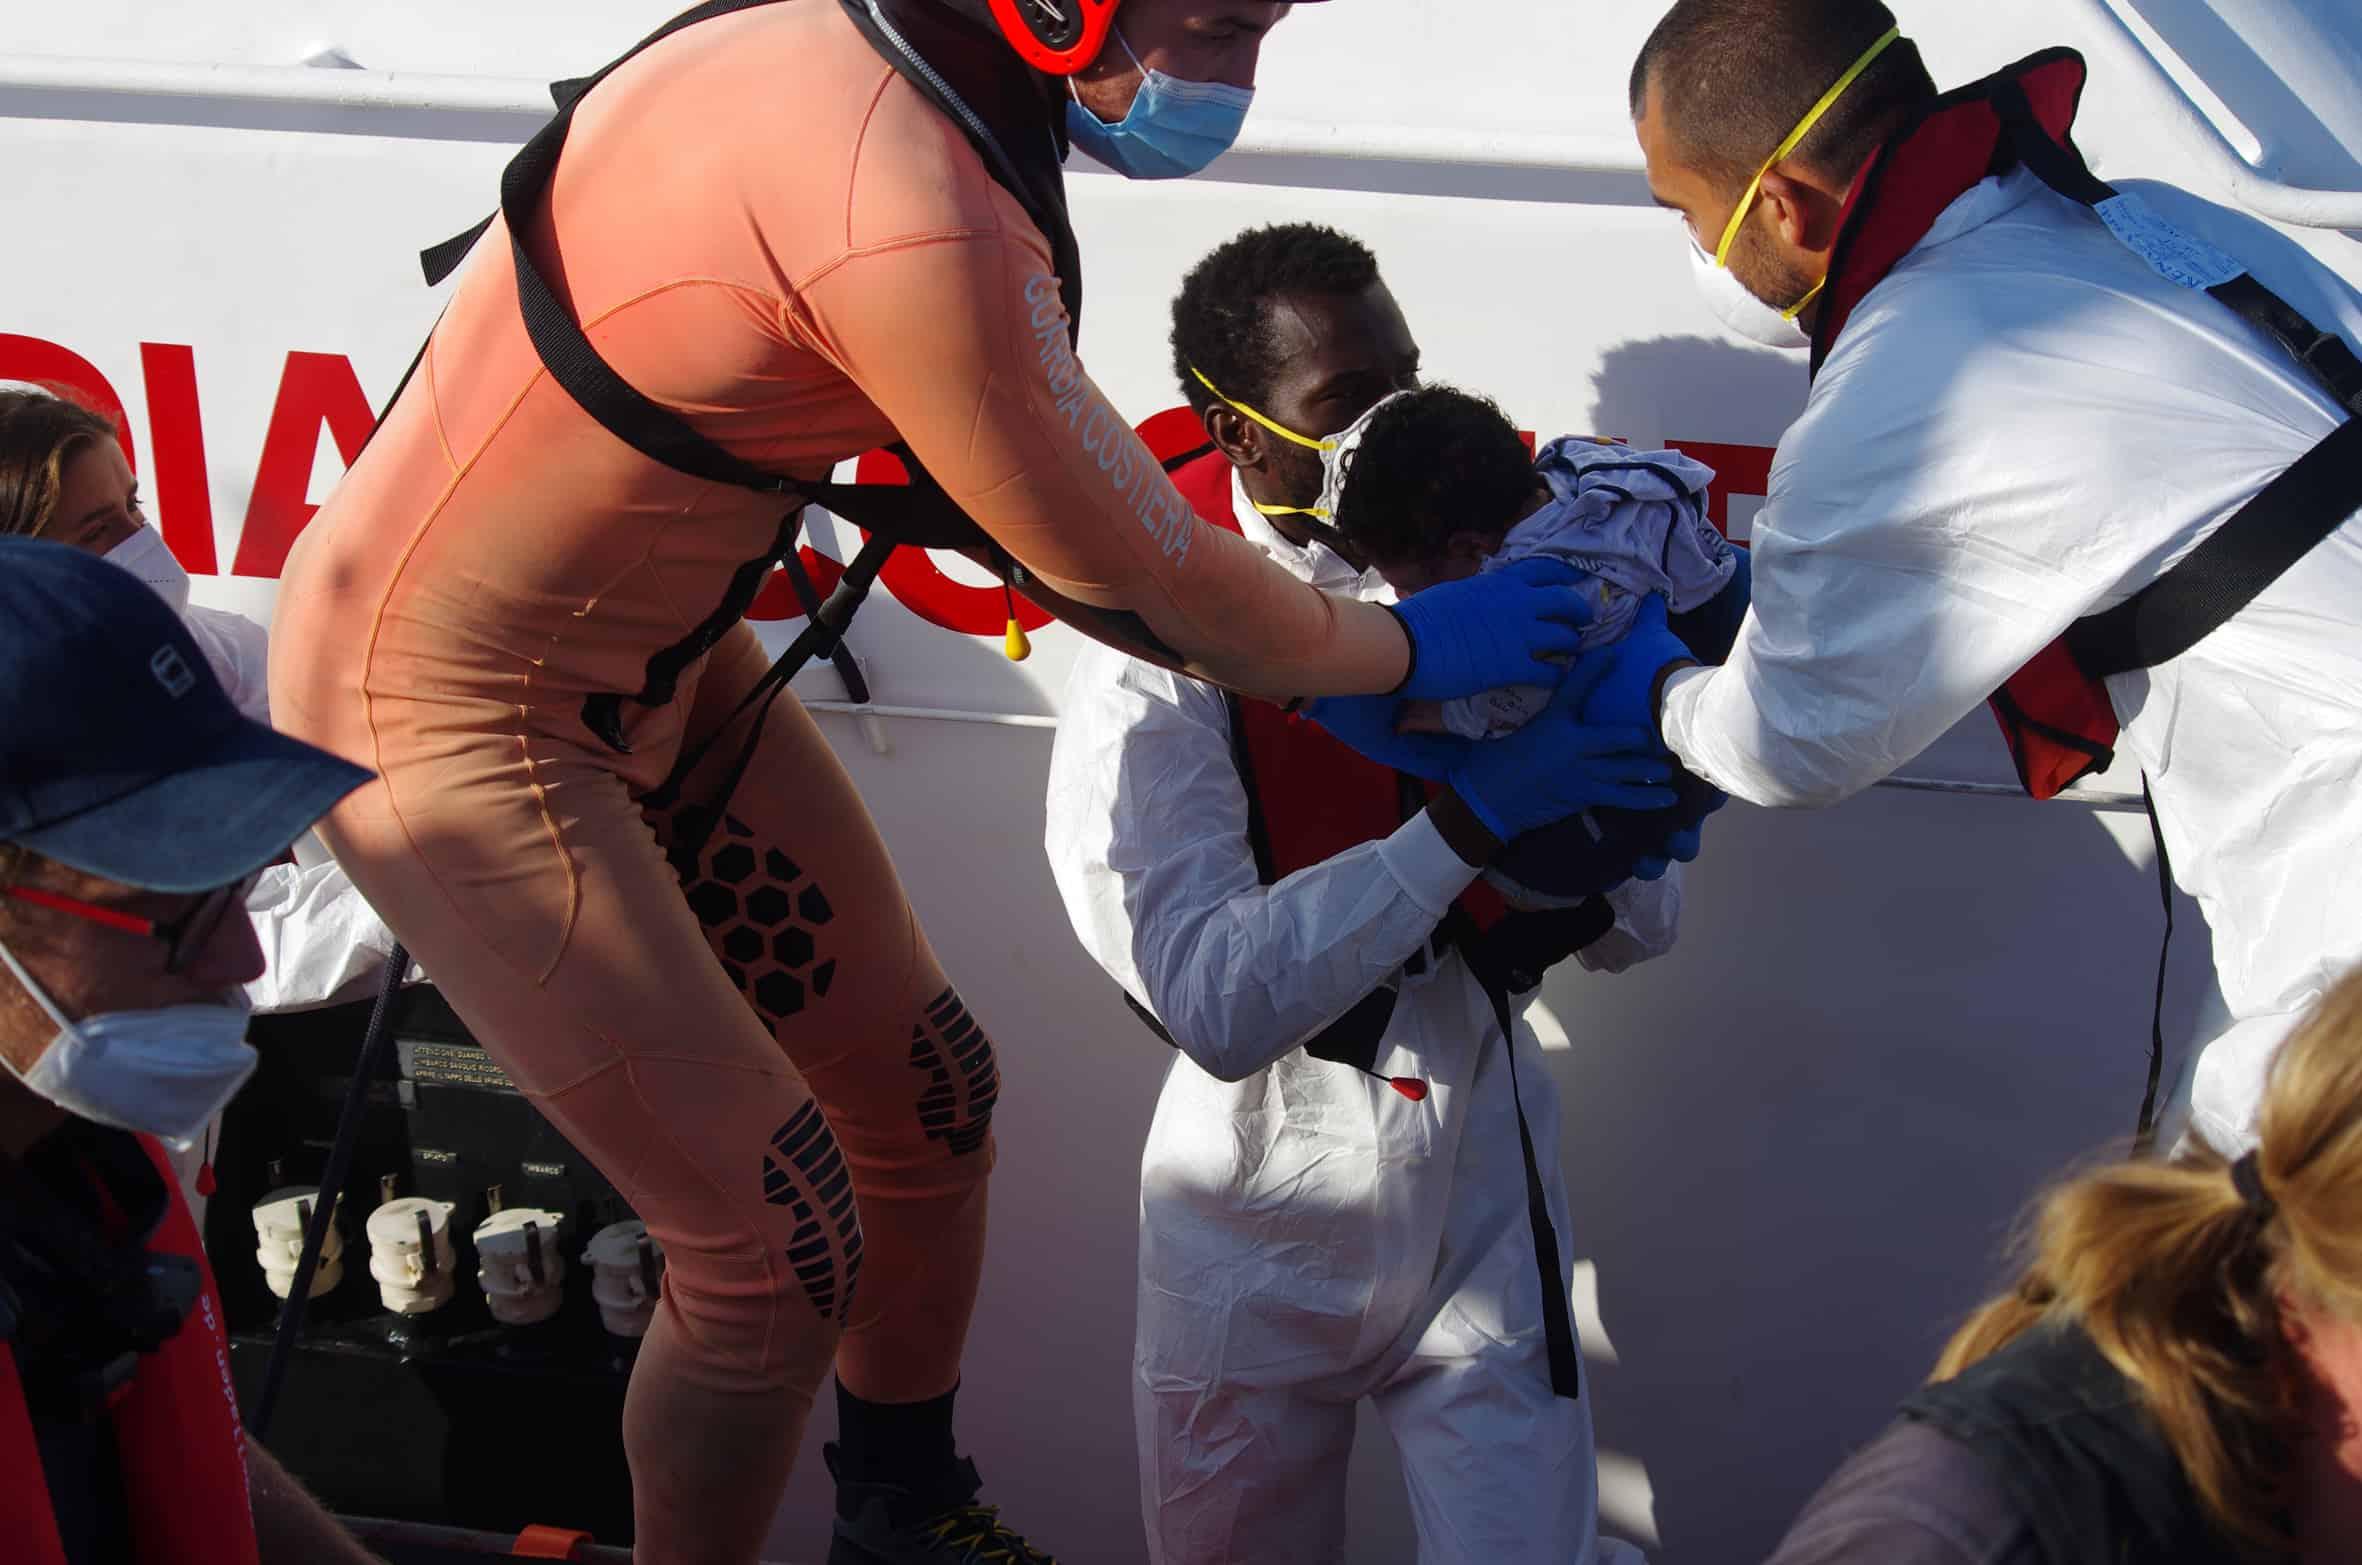 Übergabe Baby an Küstenwache